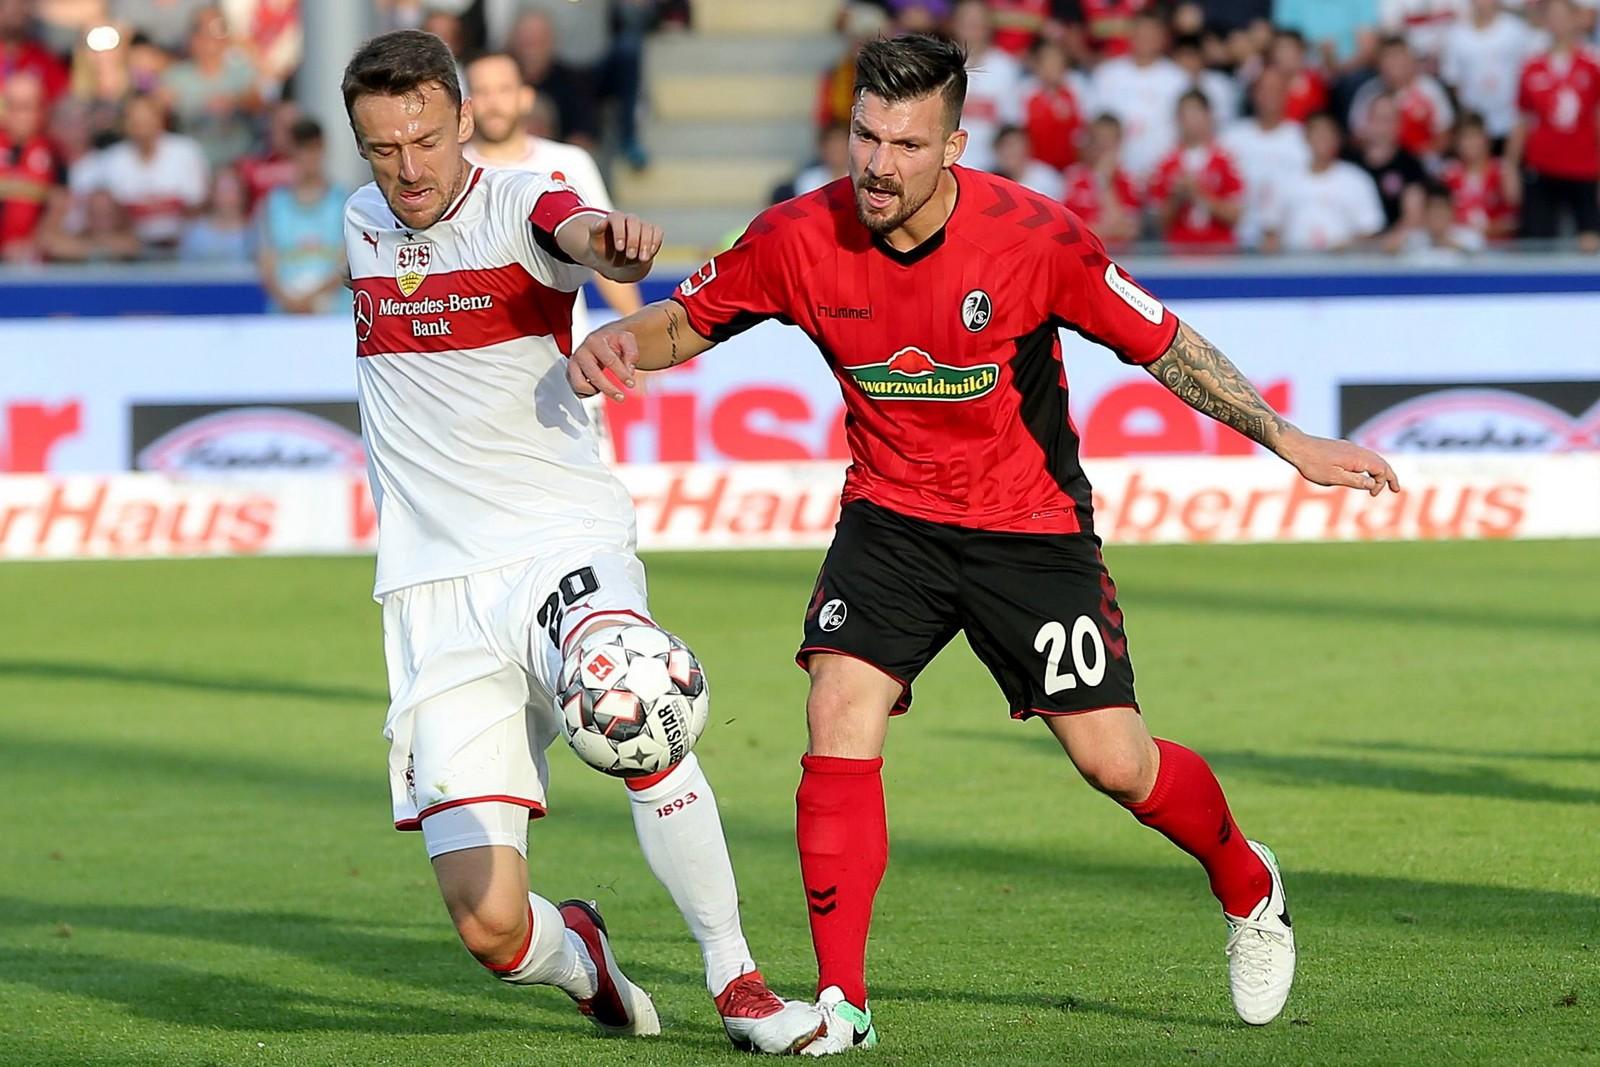 Kann Christian Gentner mit seinem VfB die Abstiegsplätze verlassen? Jetzt auf Stuttgart gegen Freiburg wetten!